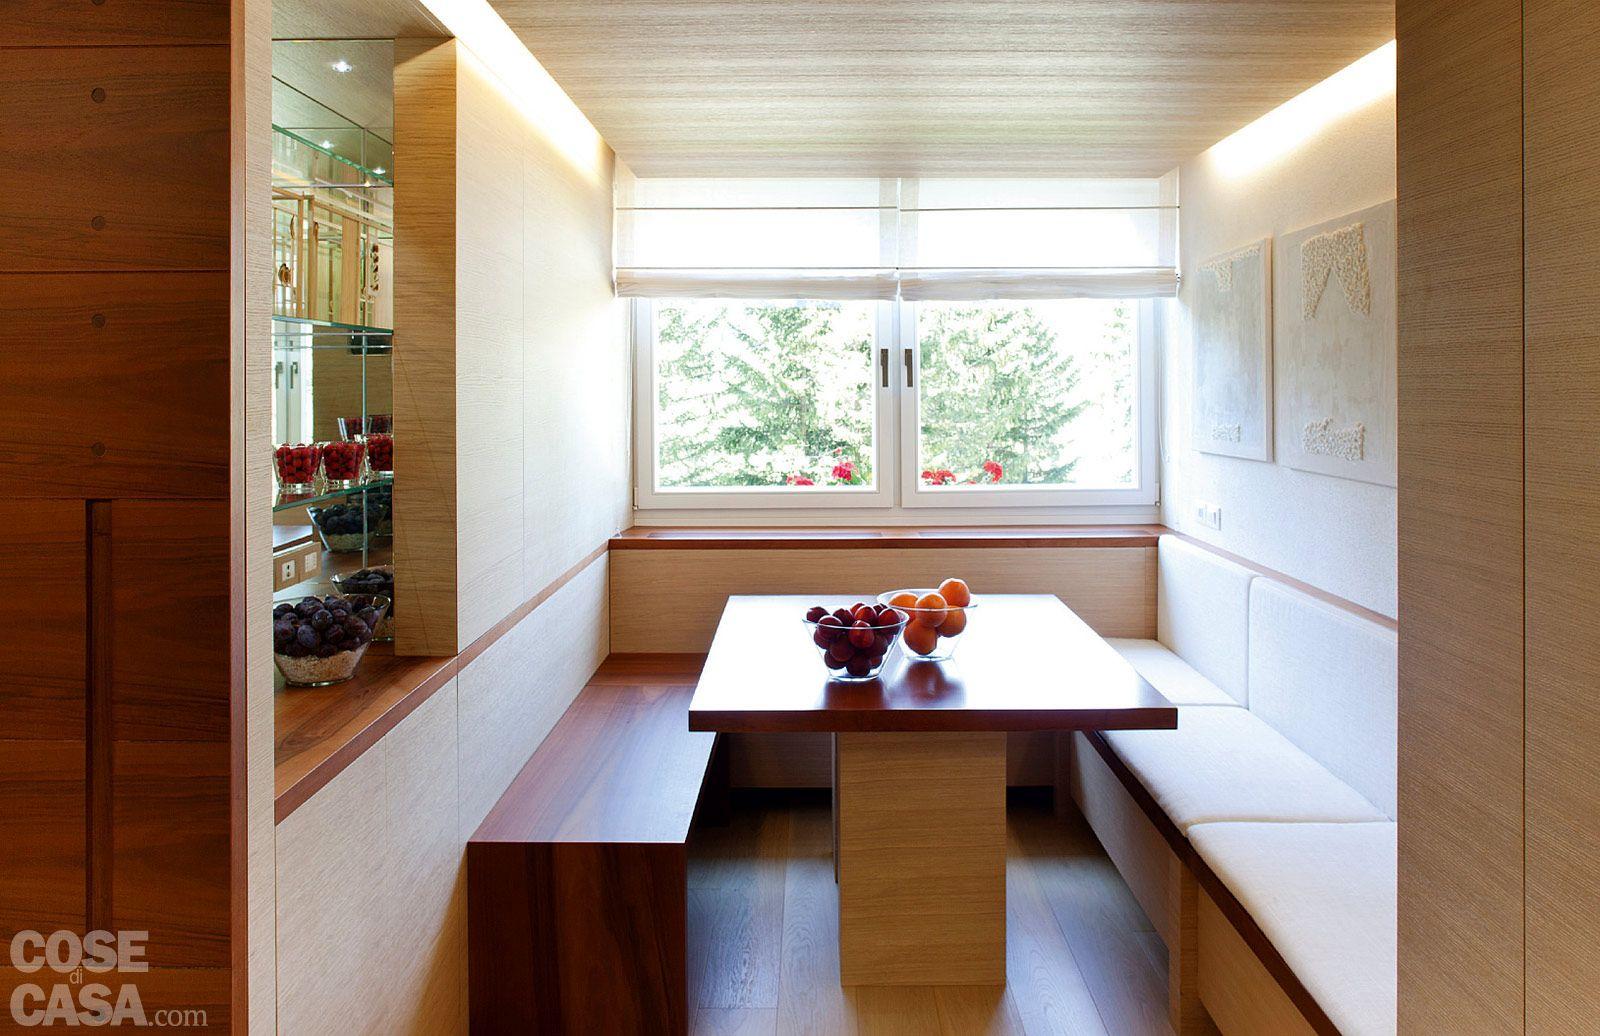 57 mq una casa con stanze trasformabili mila case for Ospitare a casa